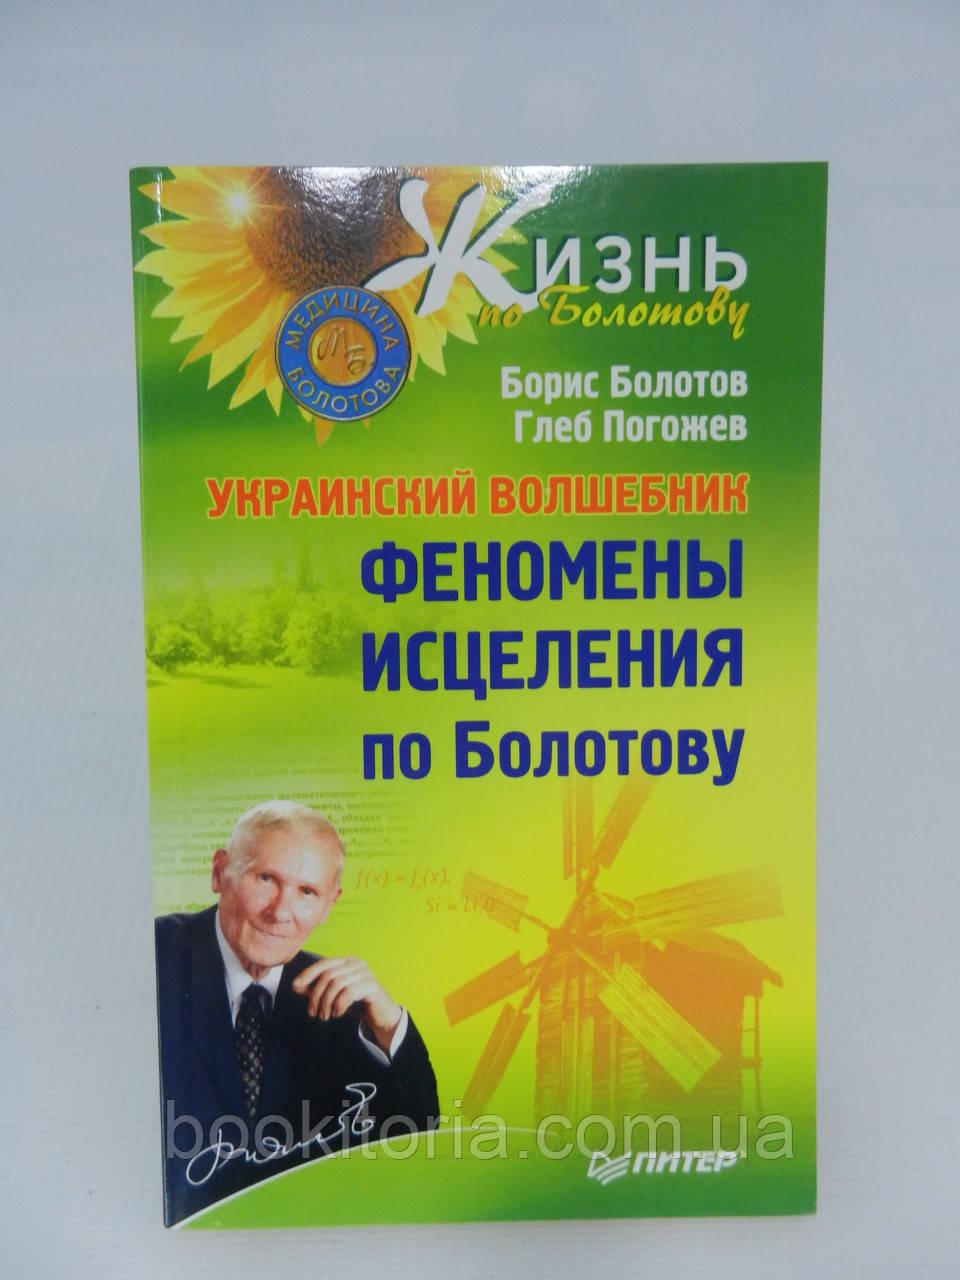 Болотов Б., Погожев Г. Украинский волшебник. Феномены исцеления по Болотову (б/у).